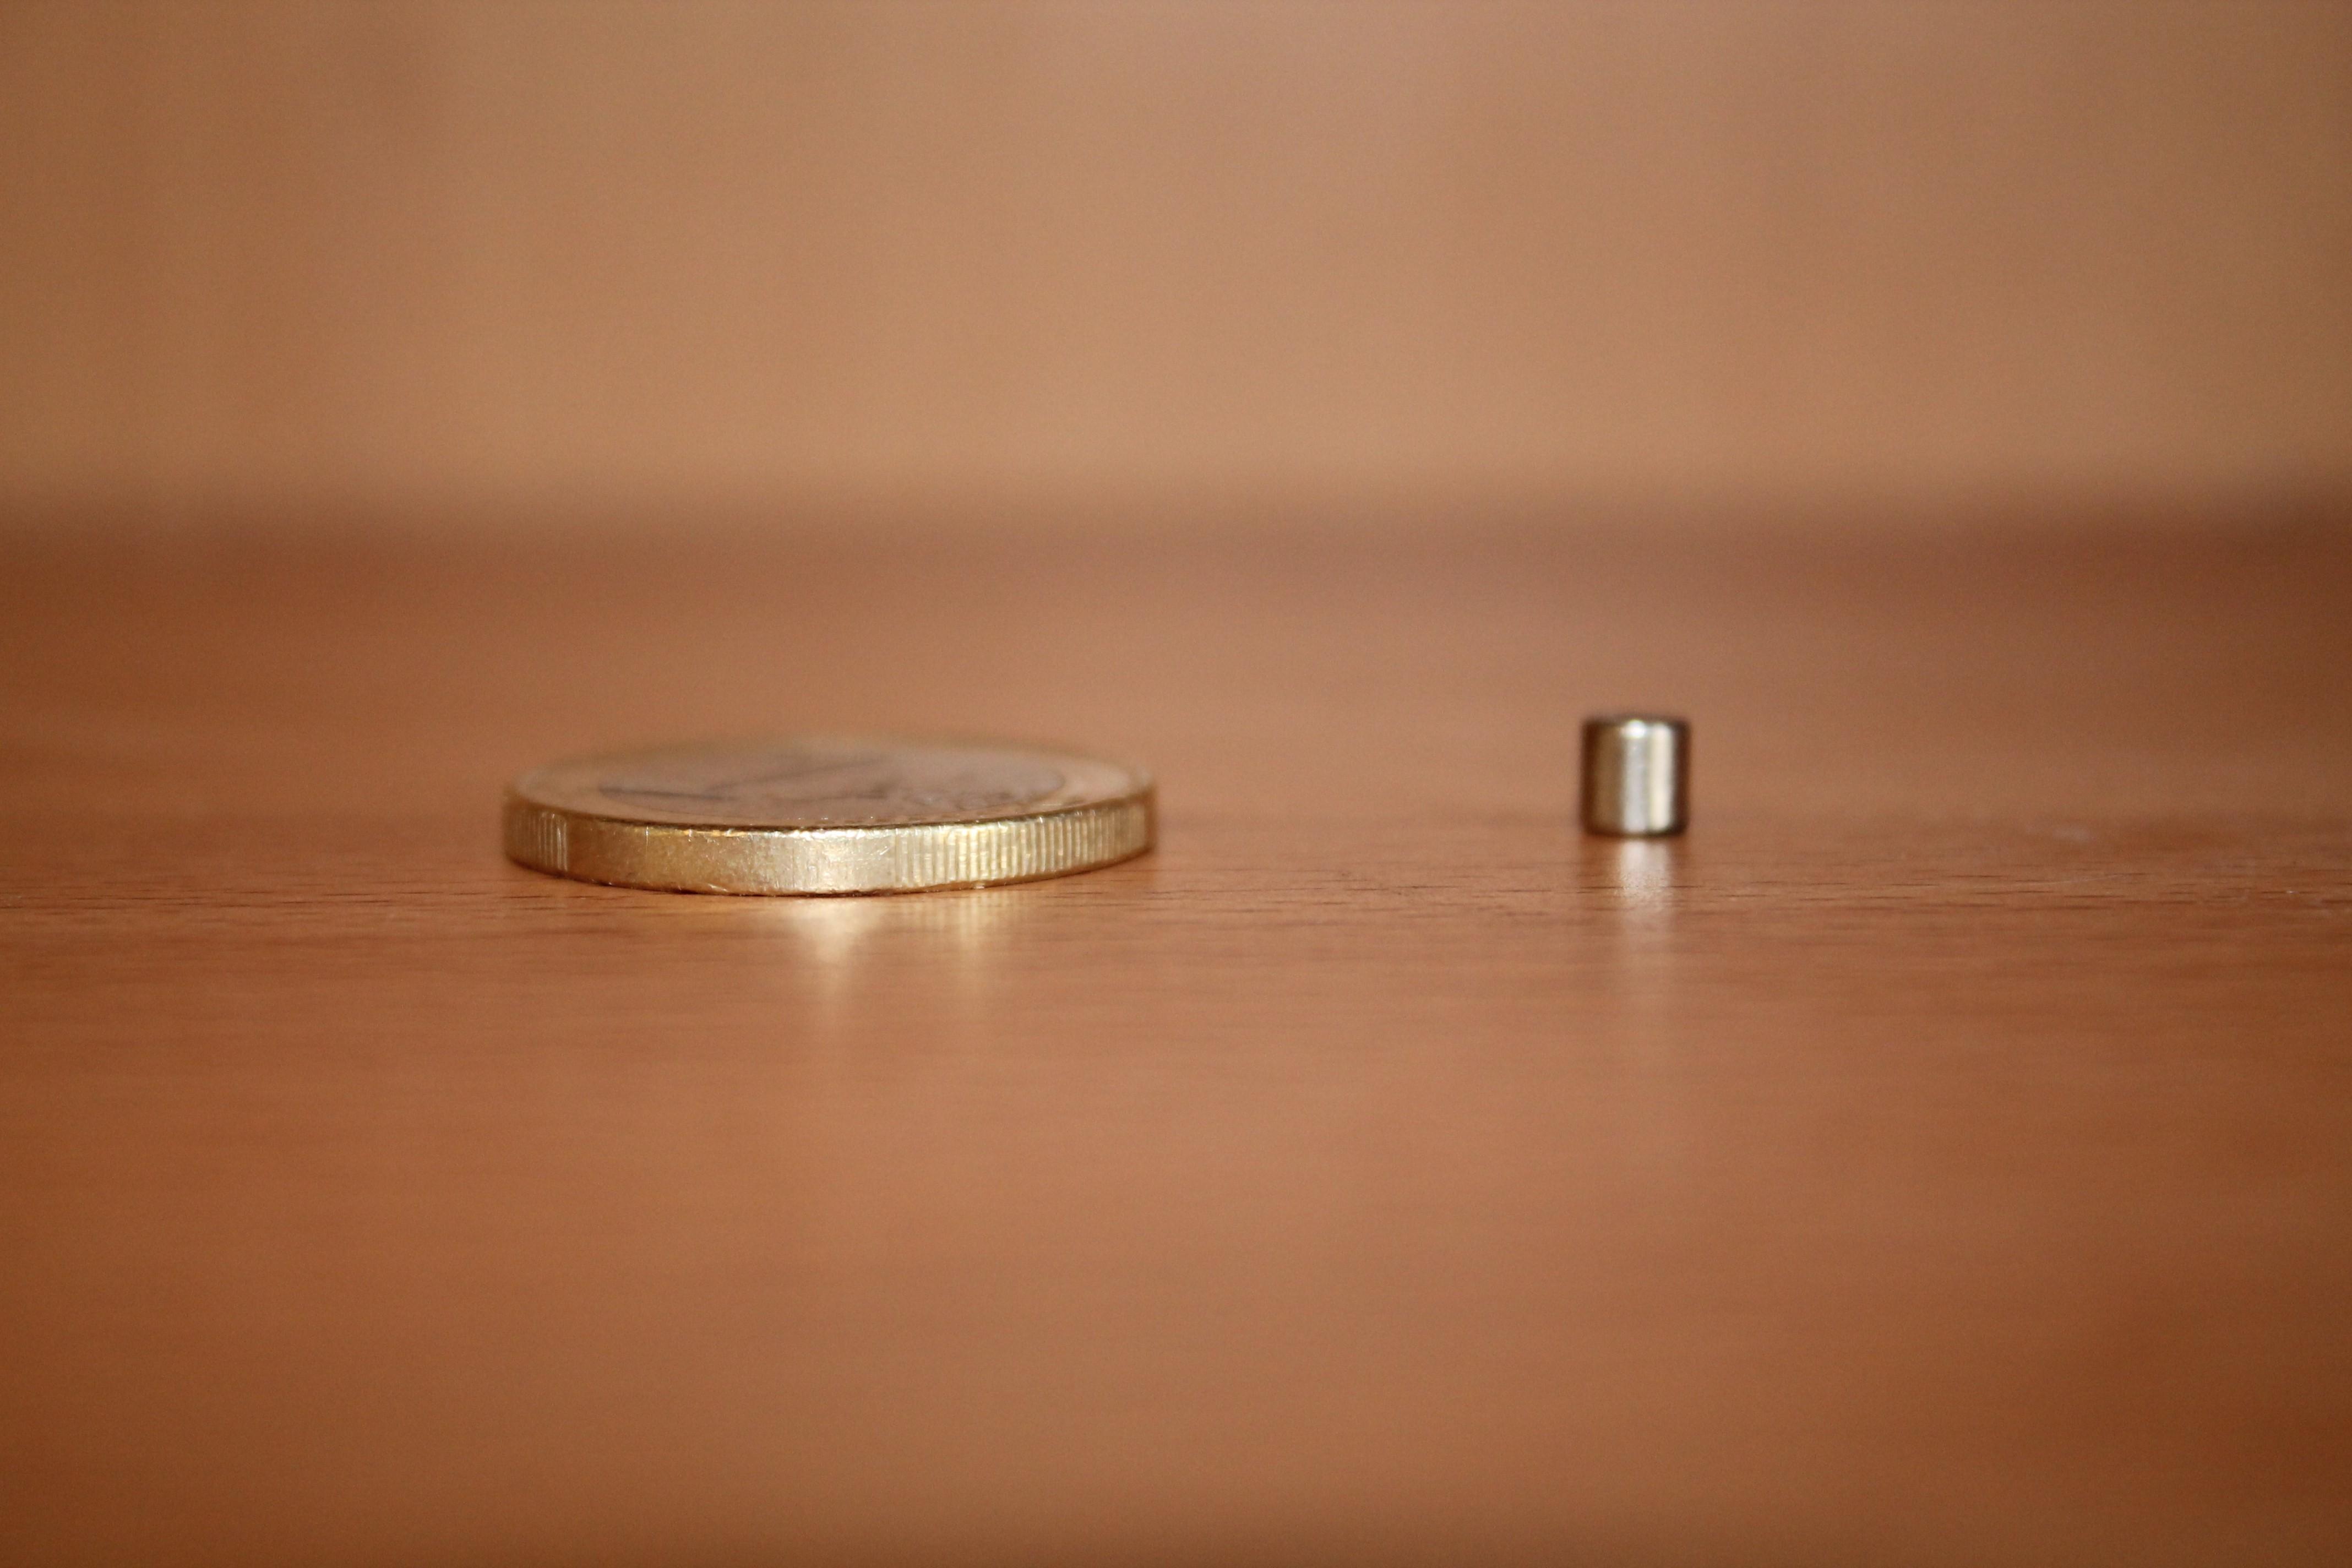 מגנט ניאודימיום דיסק - קוטר 4 מ''מ, גובה 4 מ''מ (ND-600)